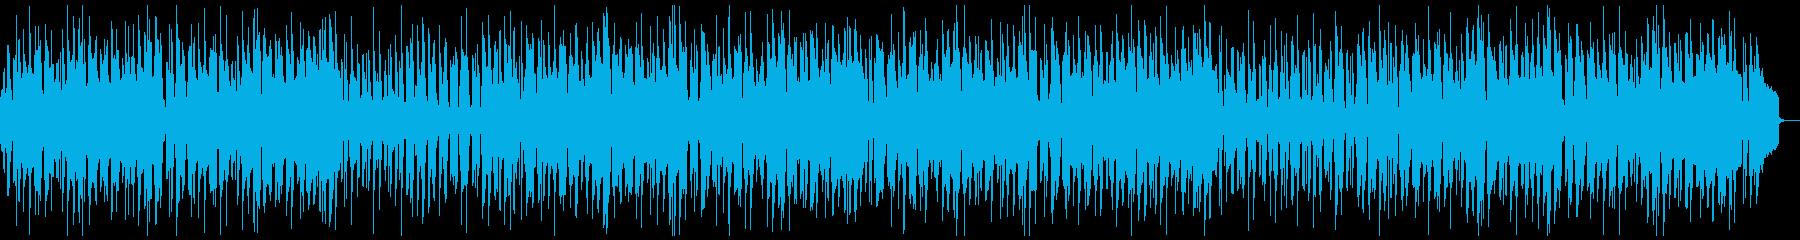 アニメゲームなどで使いやすい可愛い日常曲の再生済みの波形